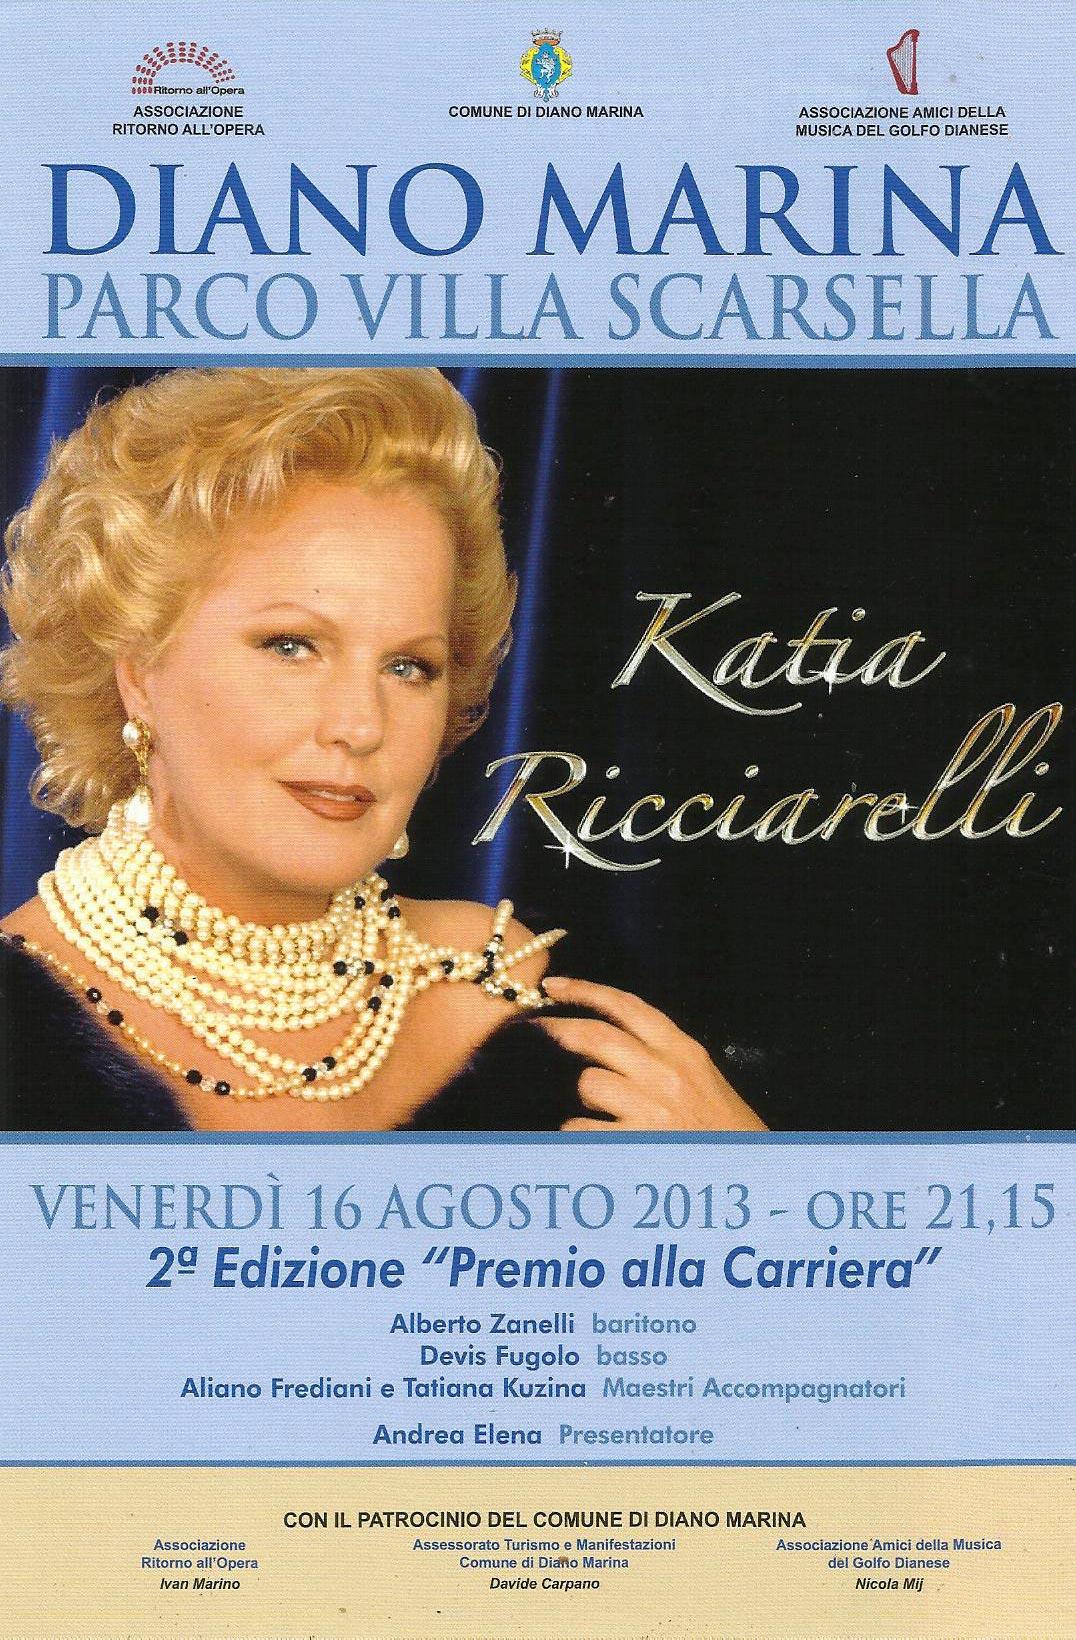 Katia-Ricciarelli-2013-diano-marina-secondo-premio-alla-carrier